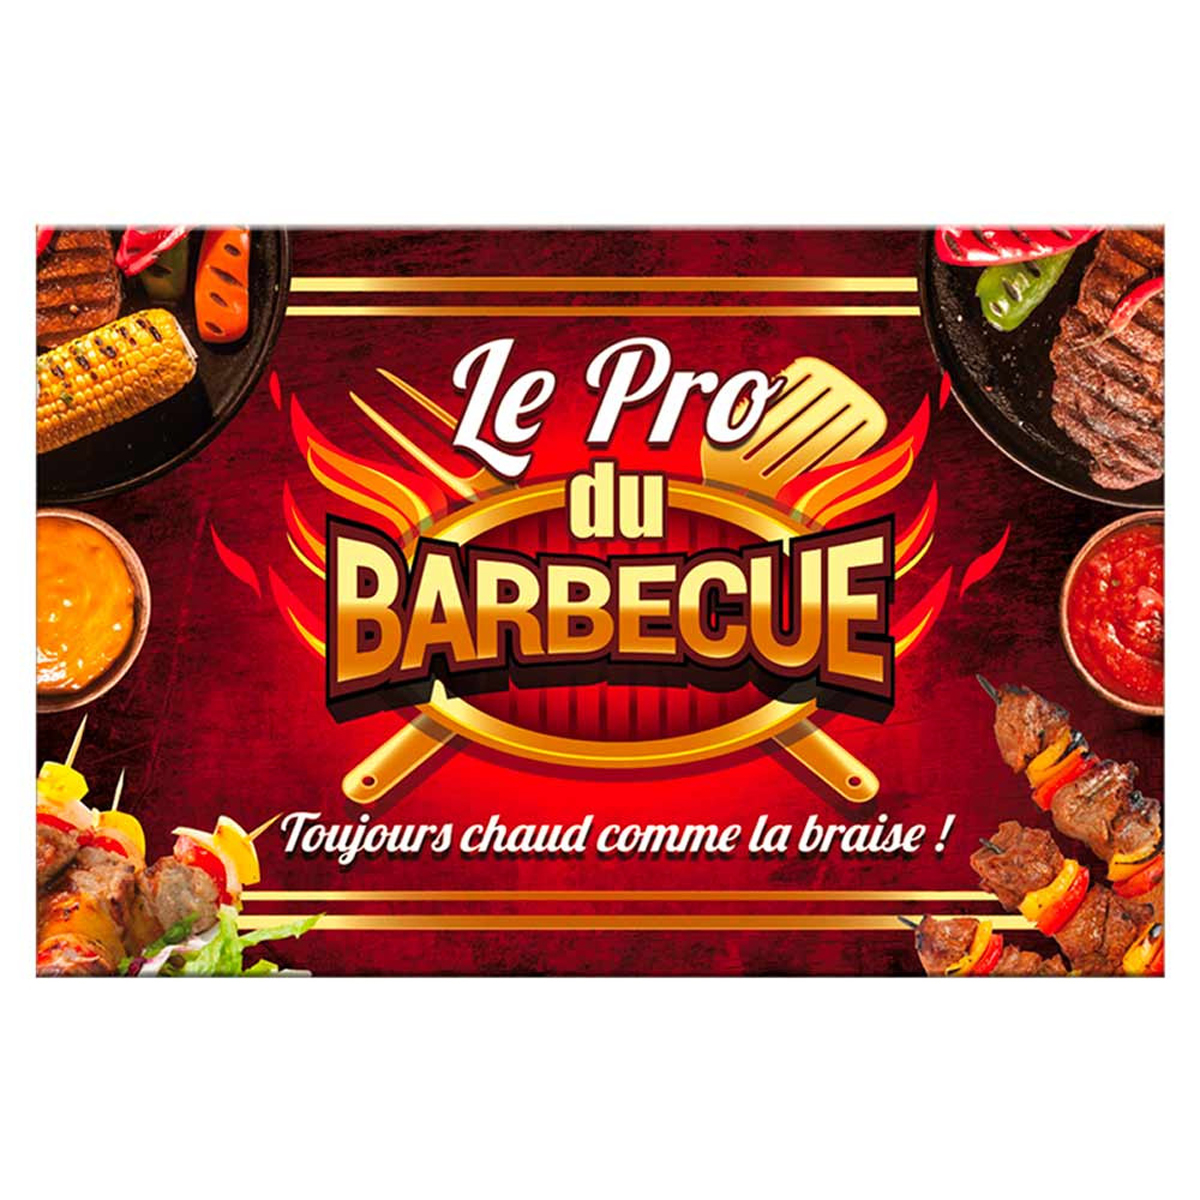 Planche à découpe / dessous de plat verre  \'Barbecue\' (saucisses, brochettes) - 30x20 cm - [P2917]